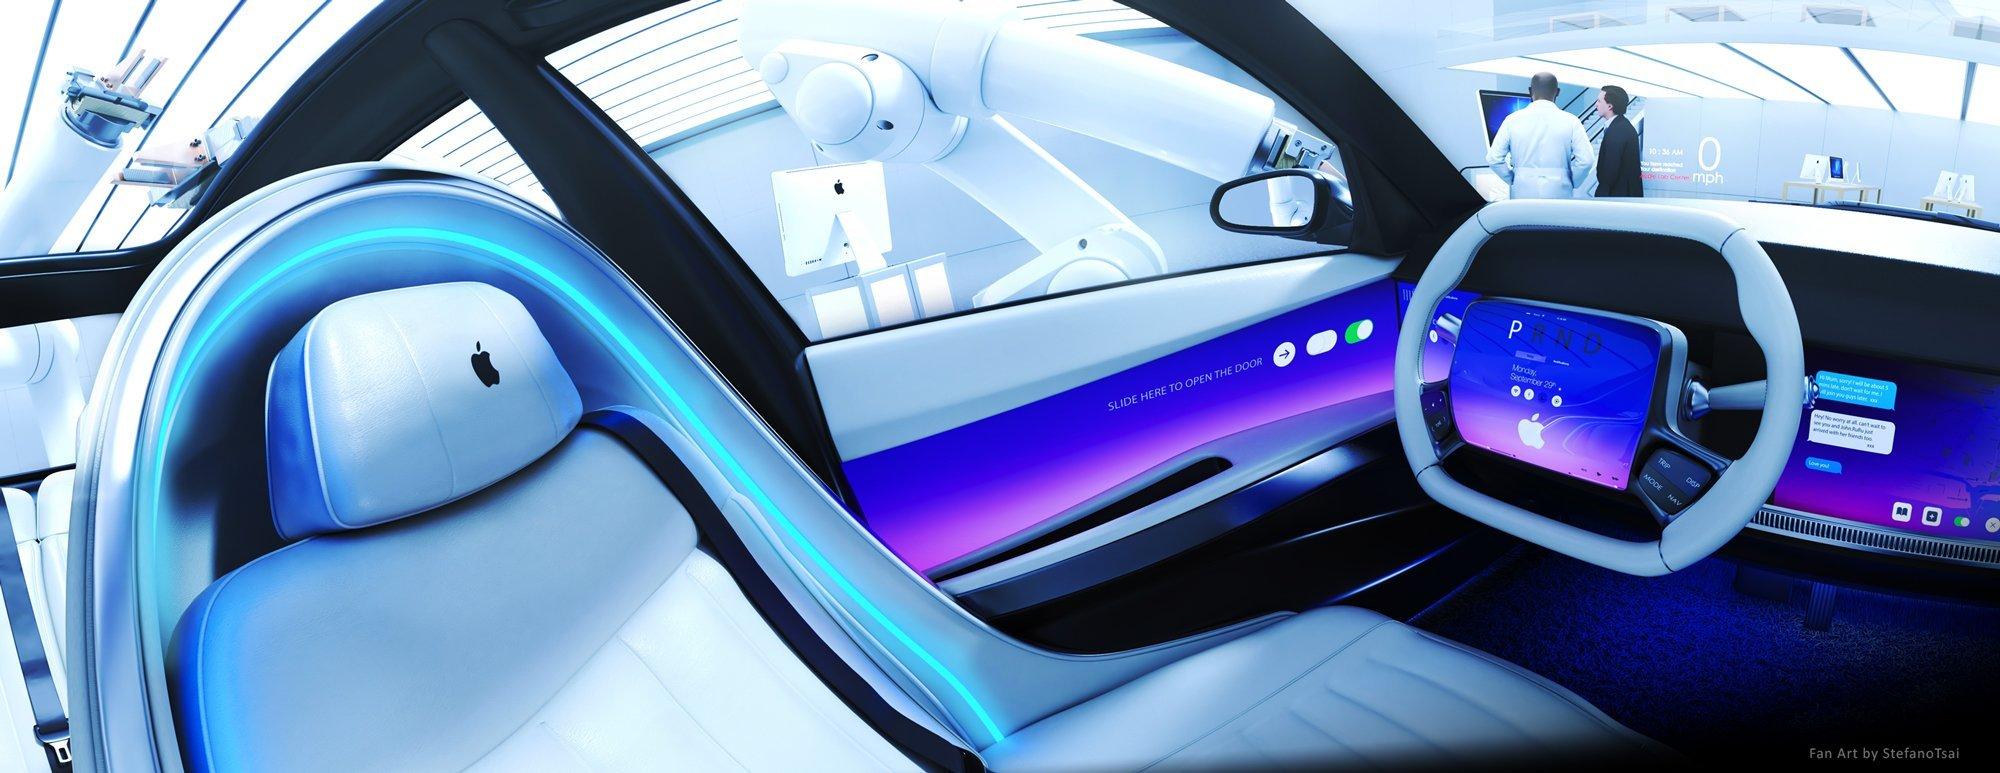 Сборкой электромобиля Apple может заняться СП LG-Magna